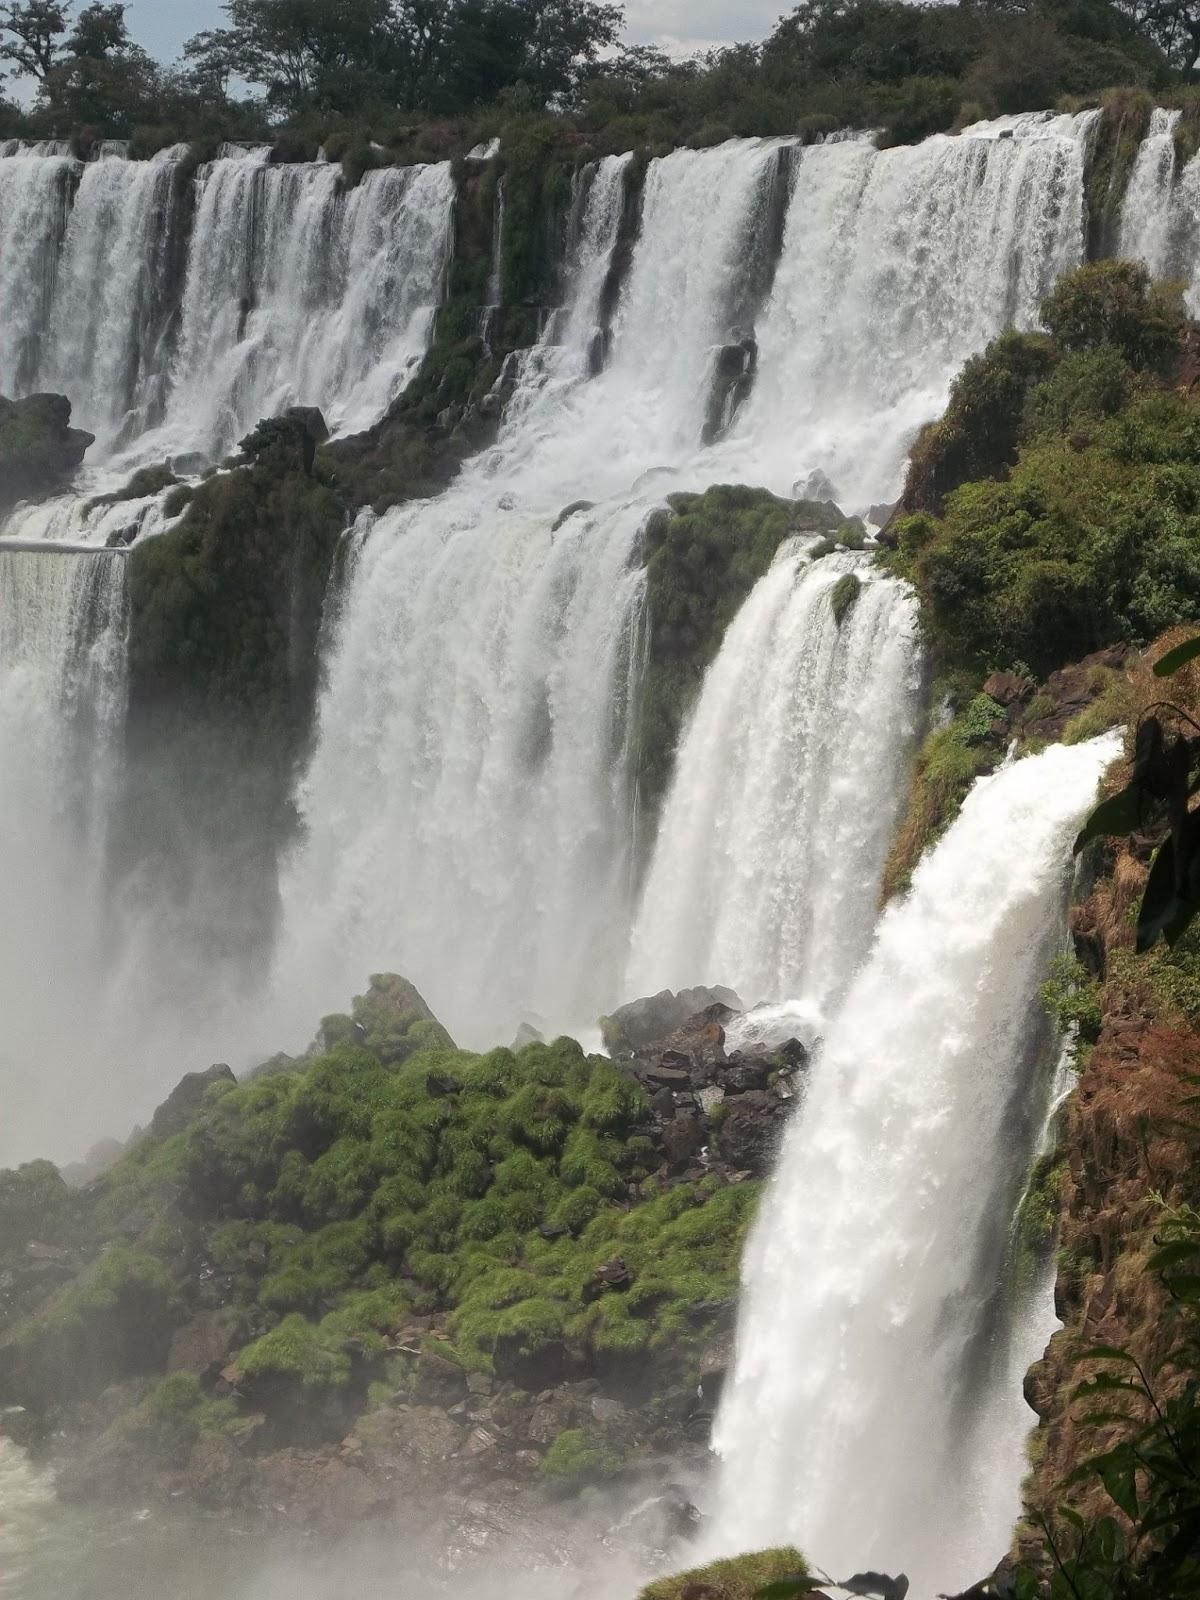 Cataratas del Iguazú, Argentina